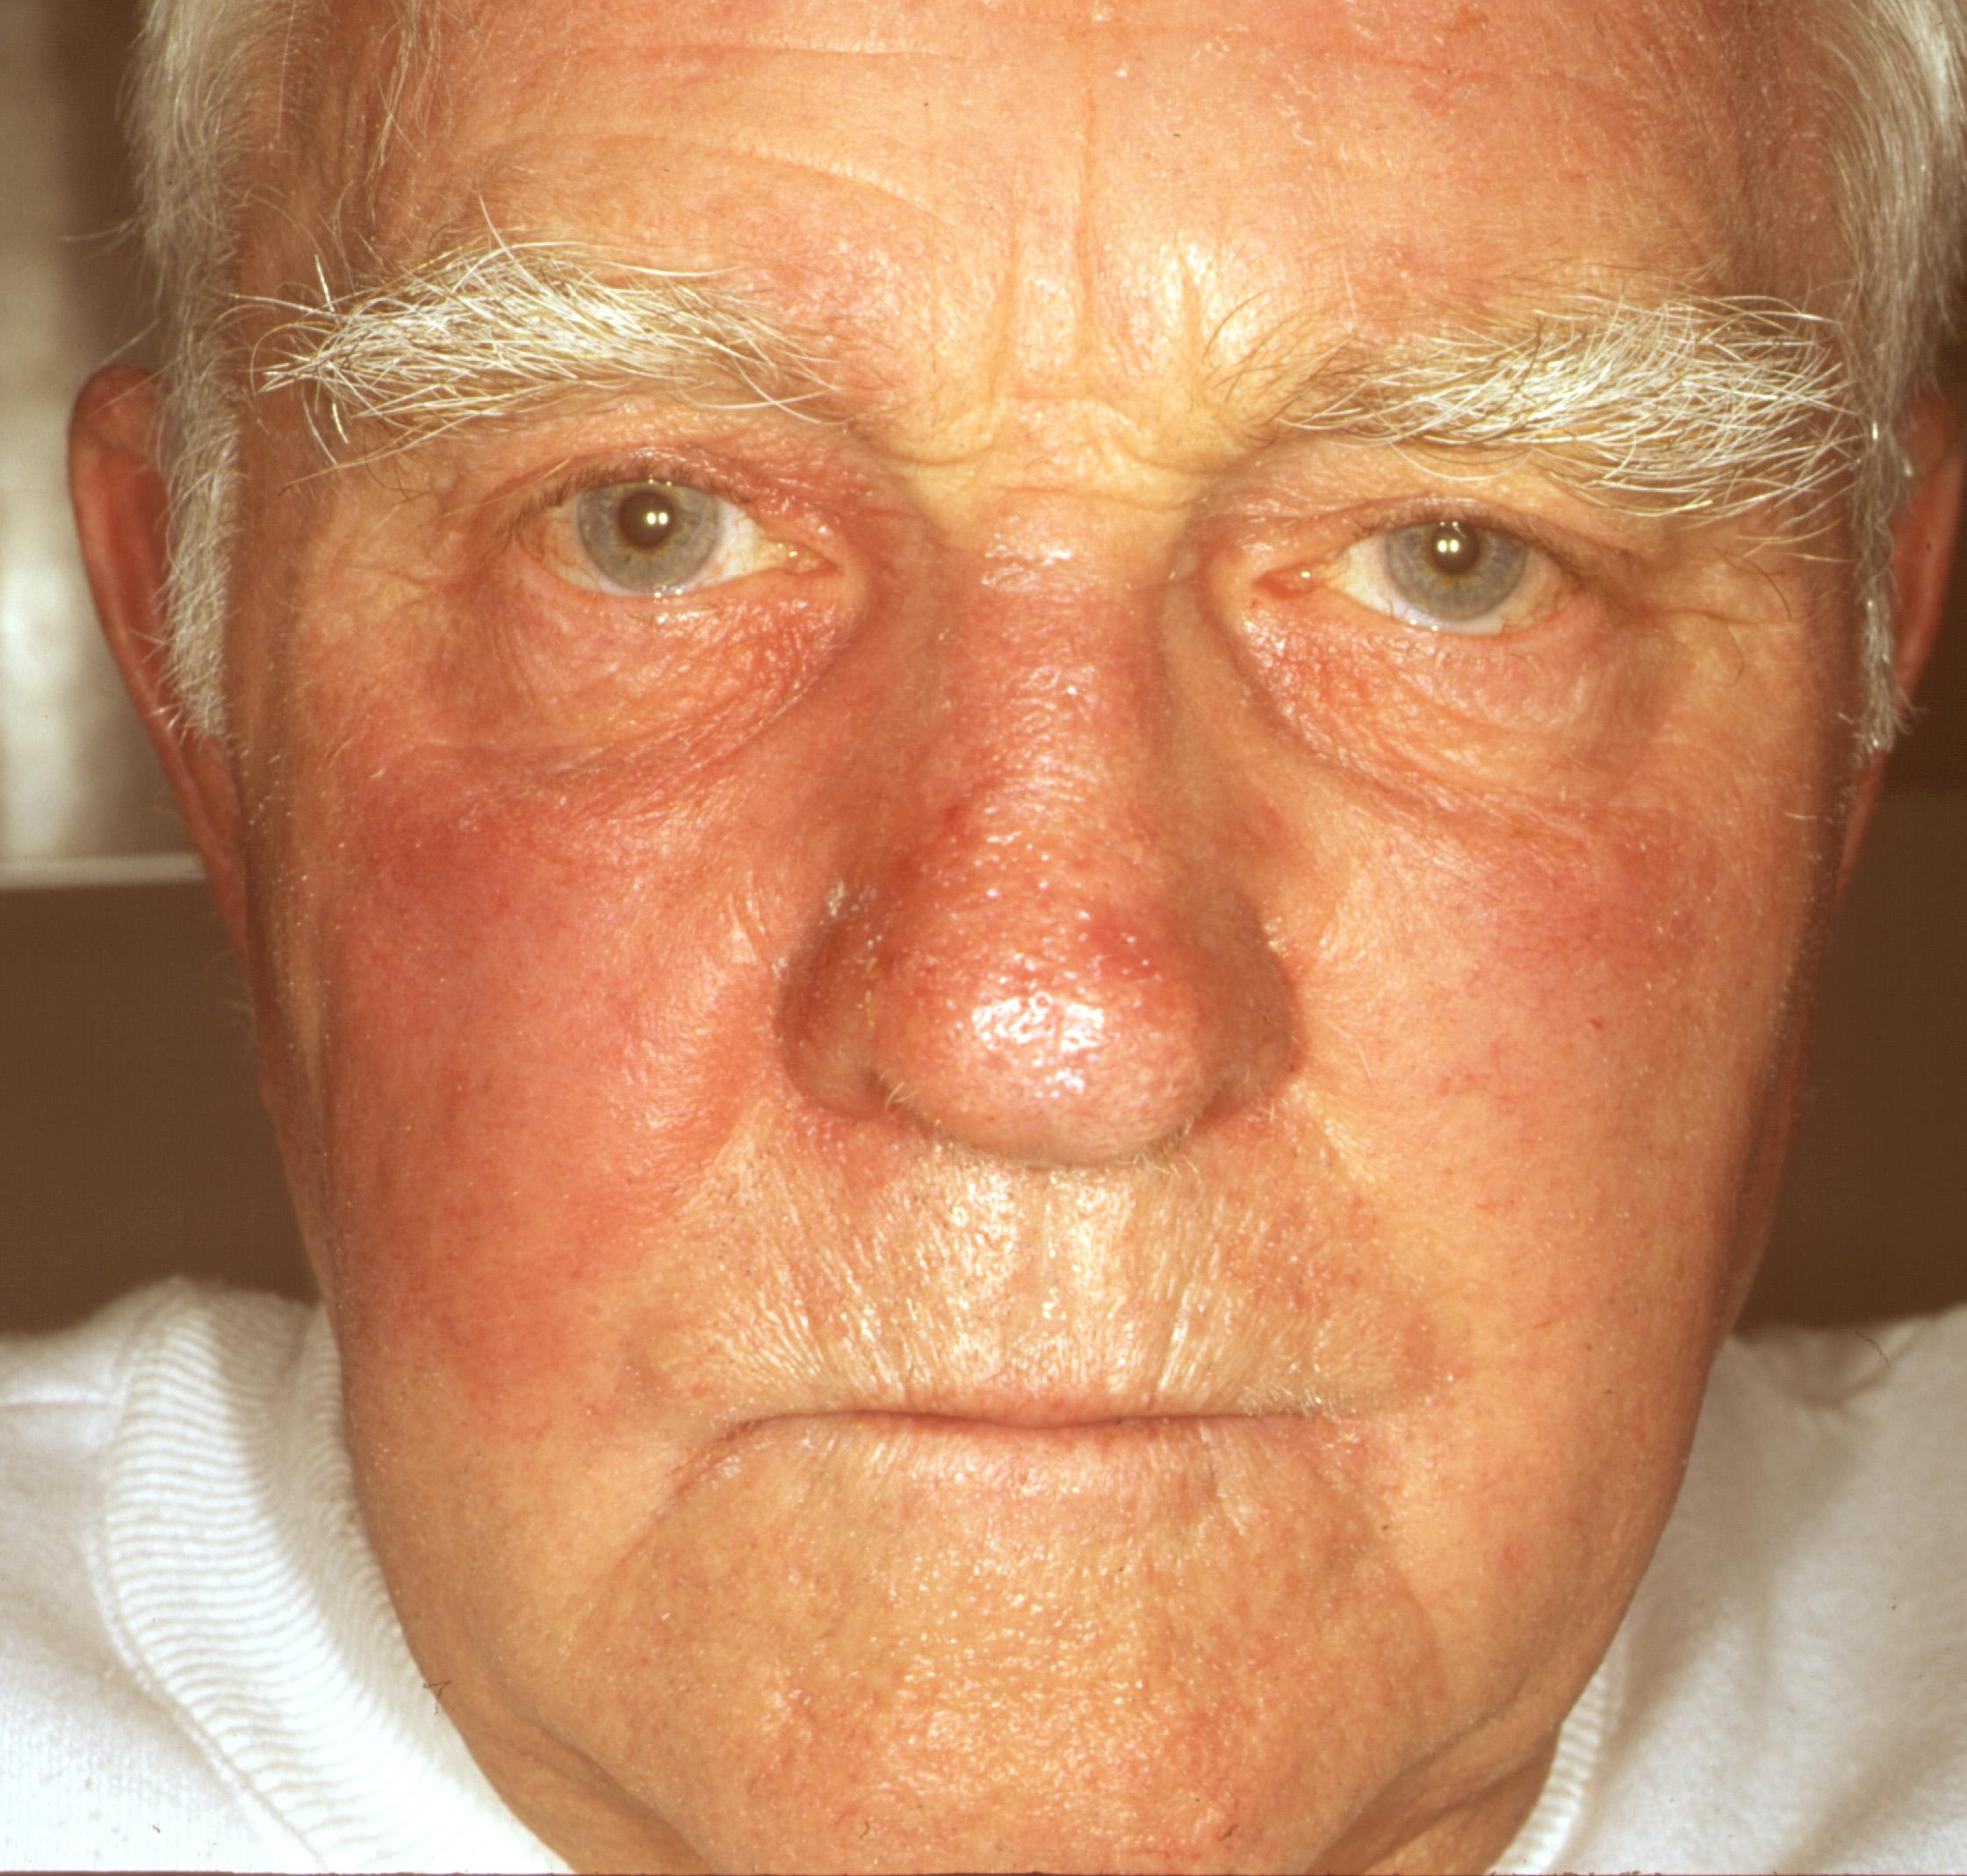 Покраснение кожи лица и пятна на лице 98